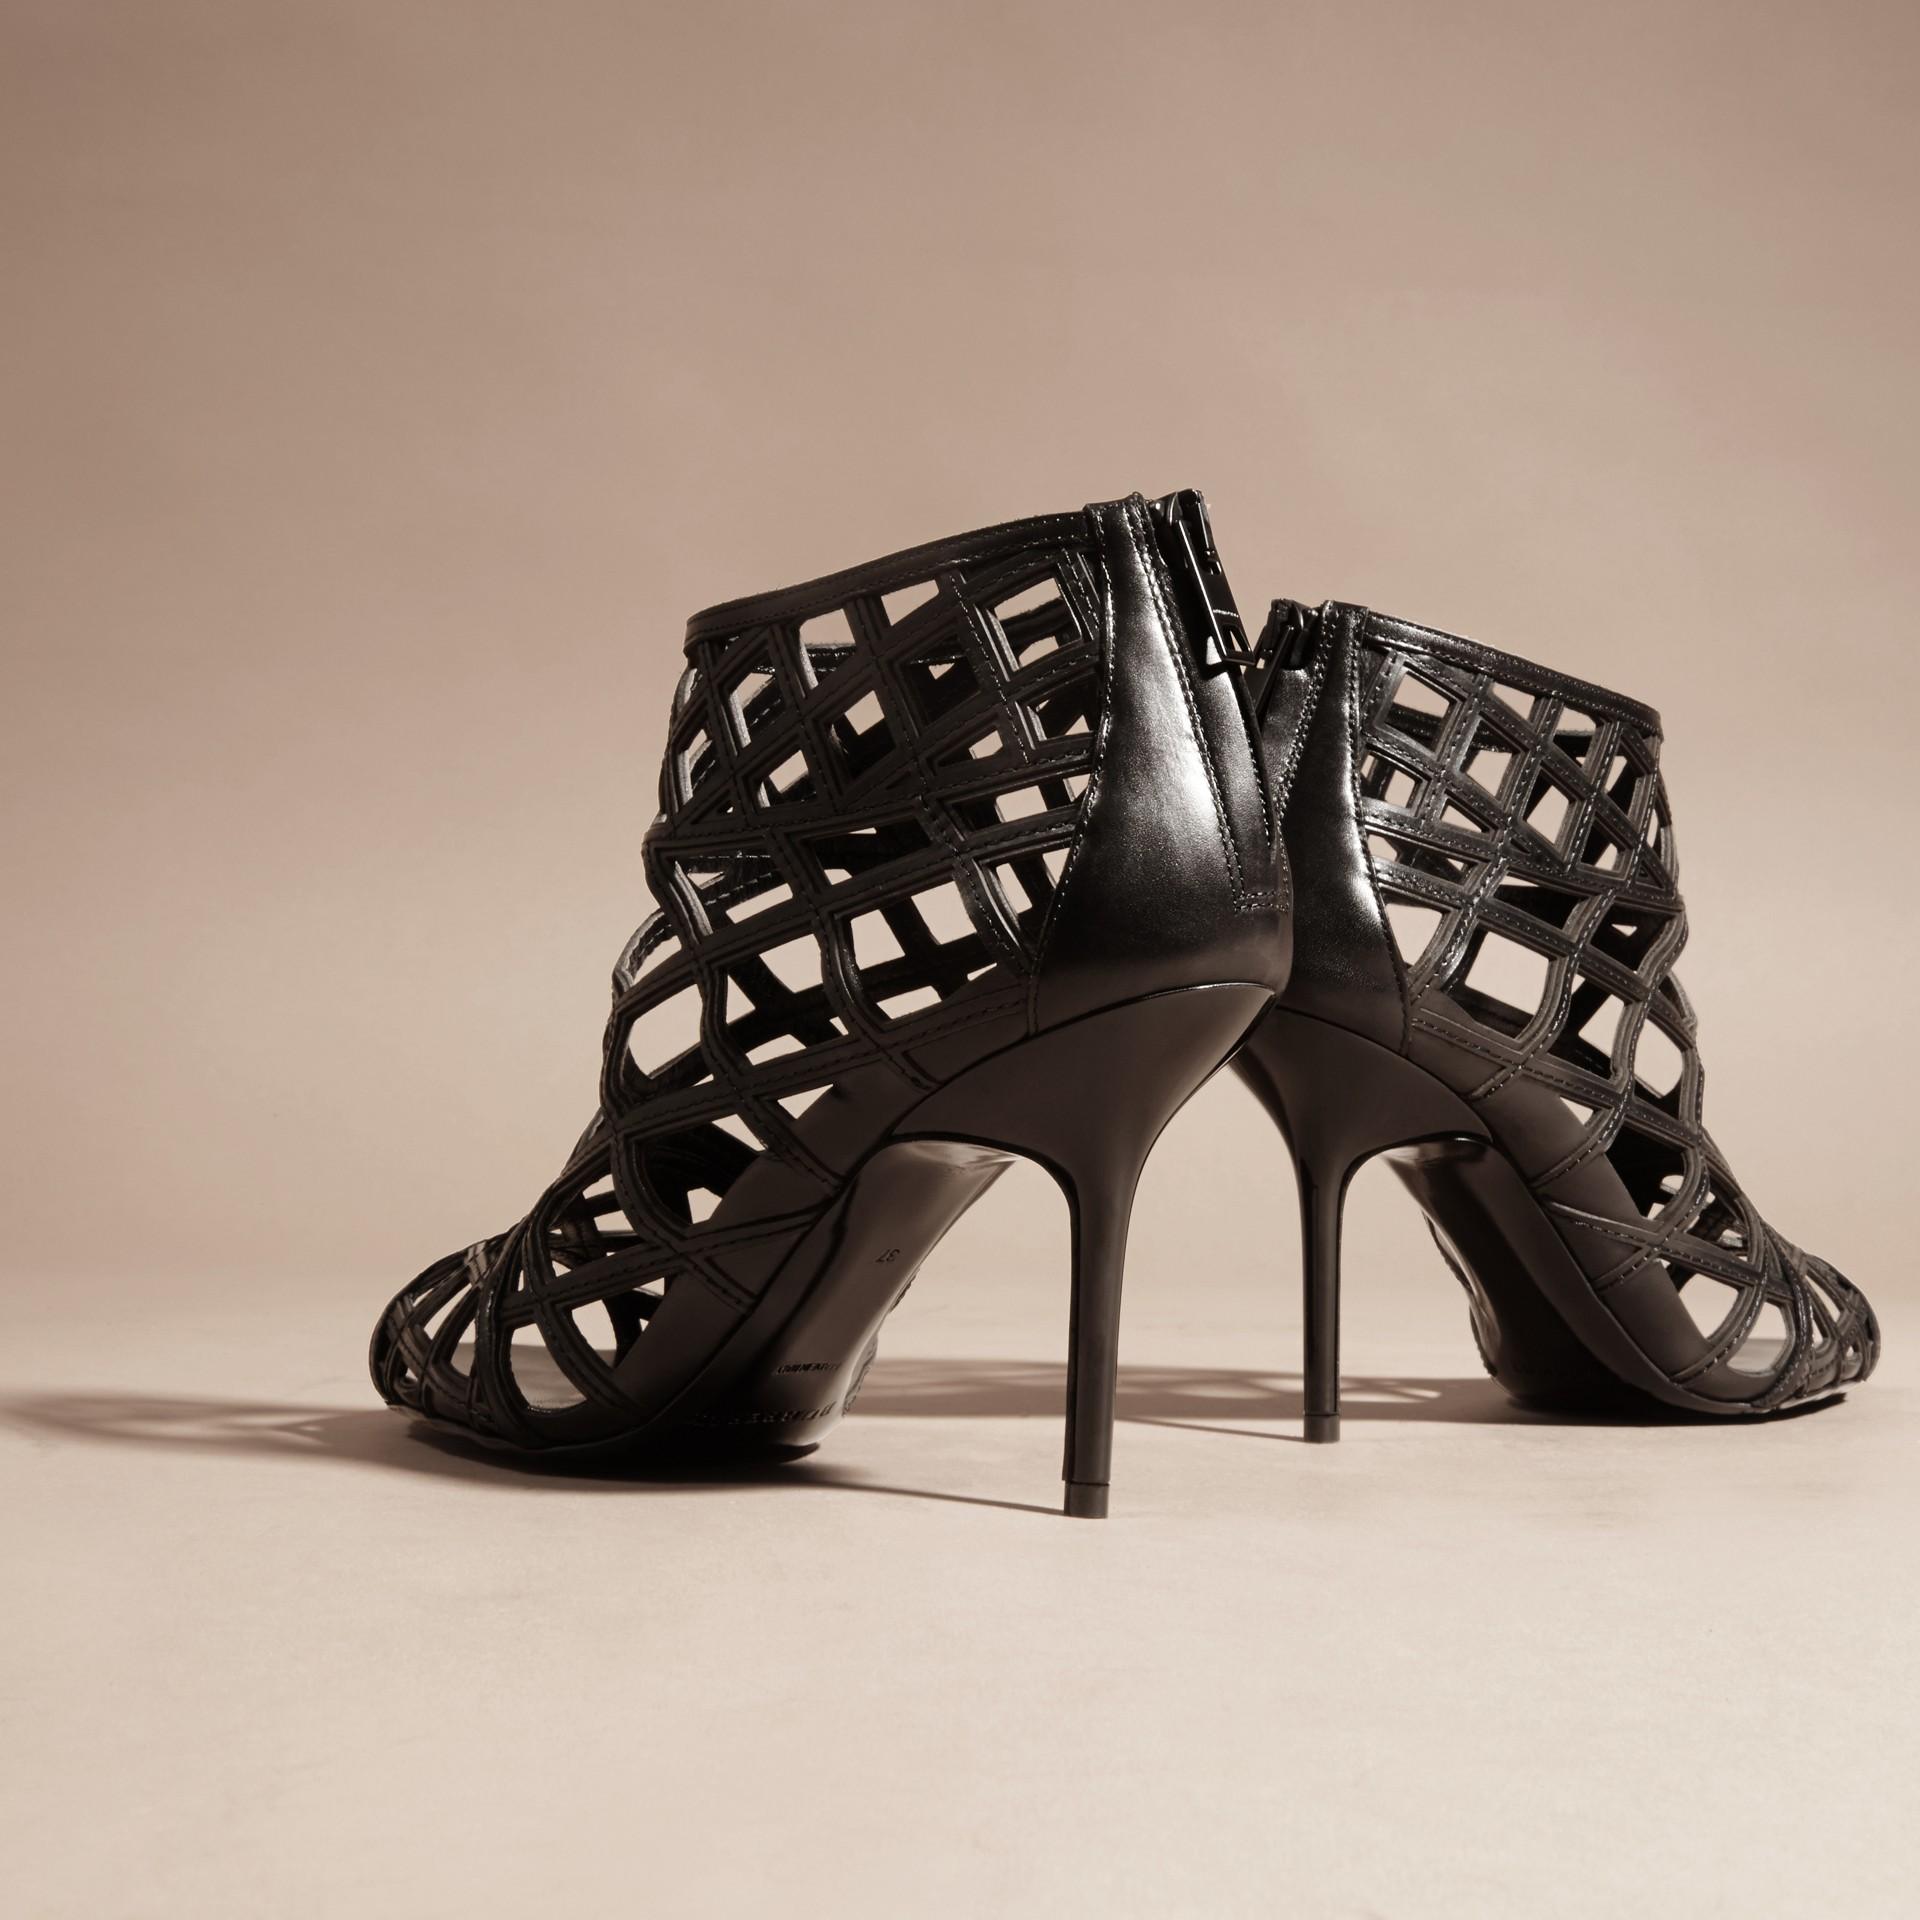 Schwarz Stiefeletten aus Leder mit Aussparungsdetail Schwarz - Galerie-Bild 4